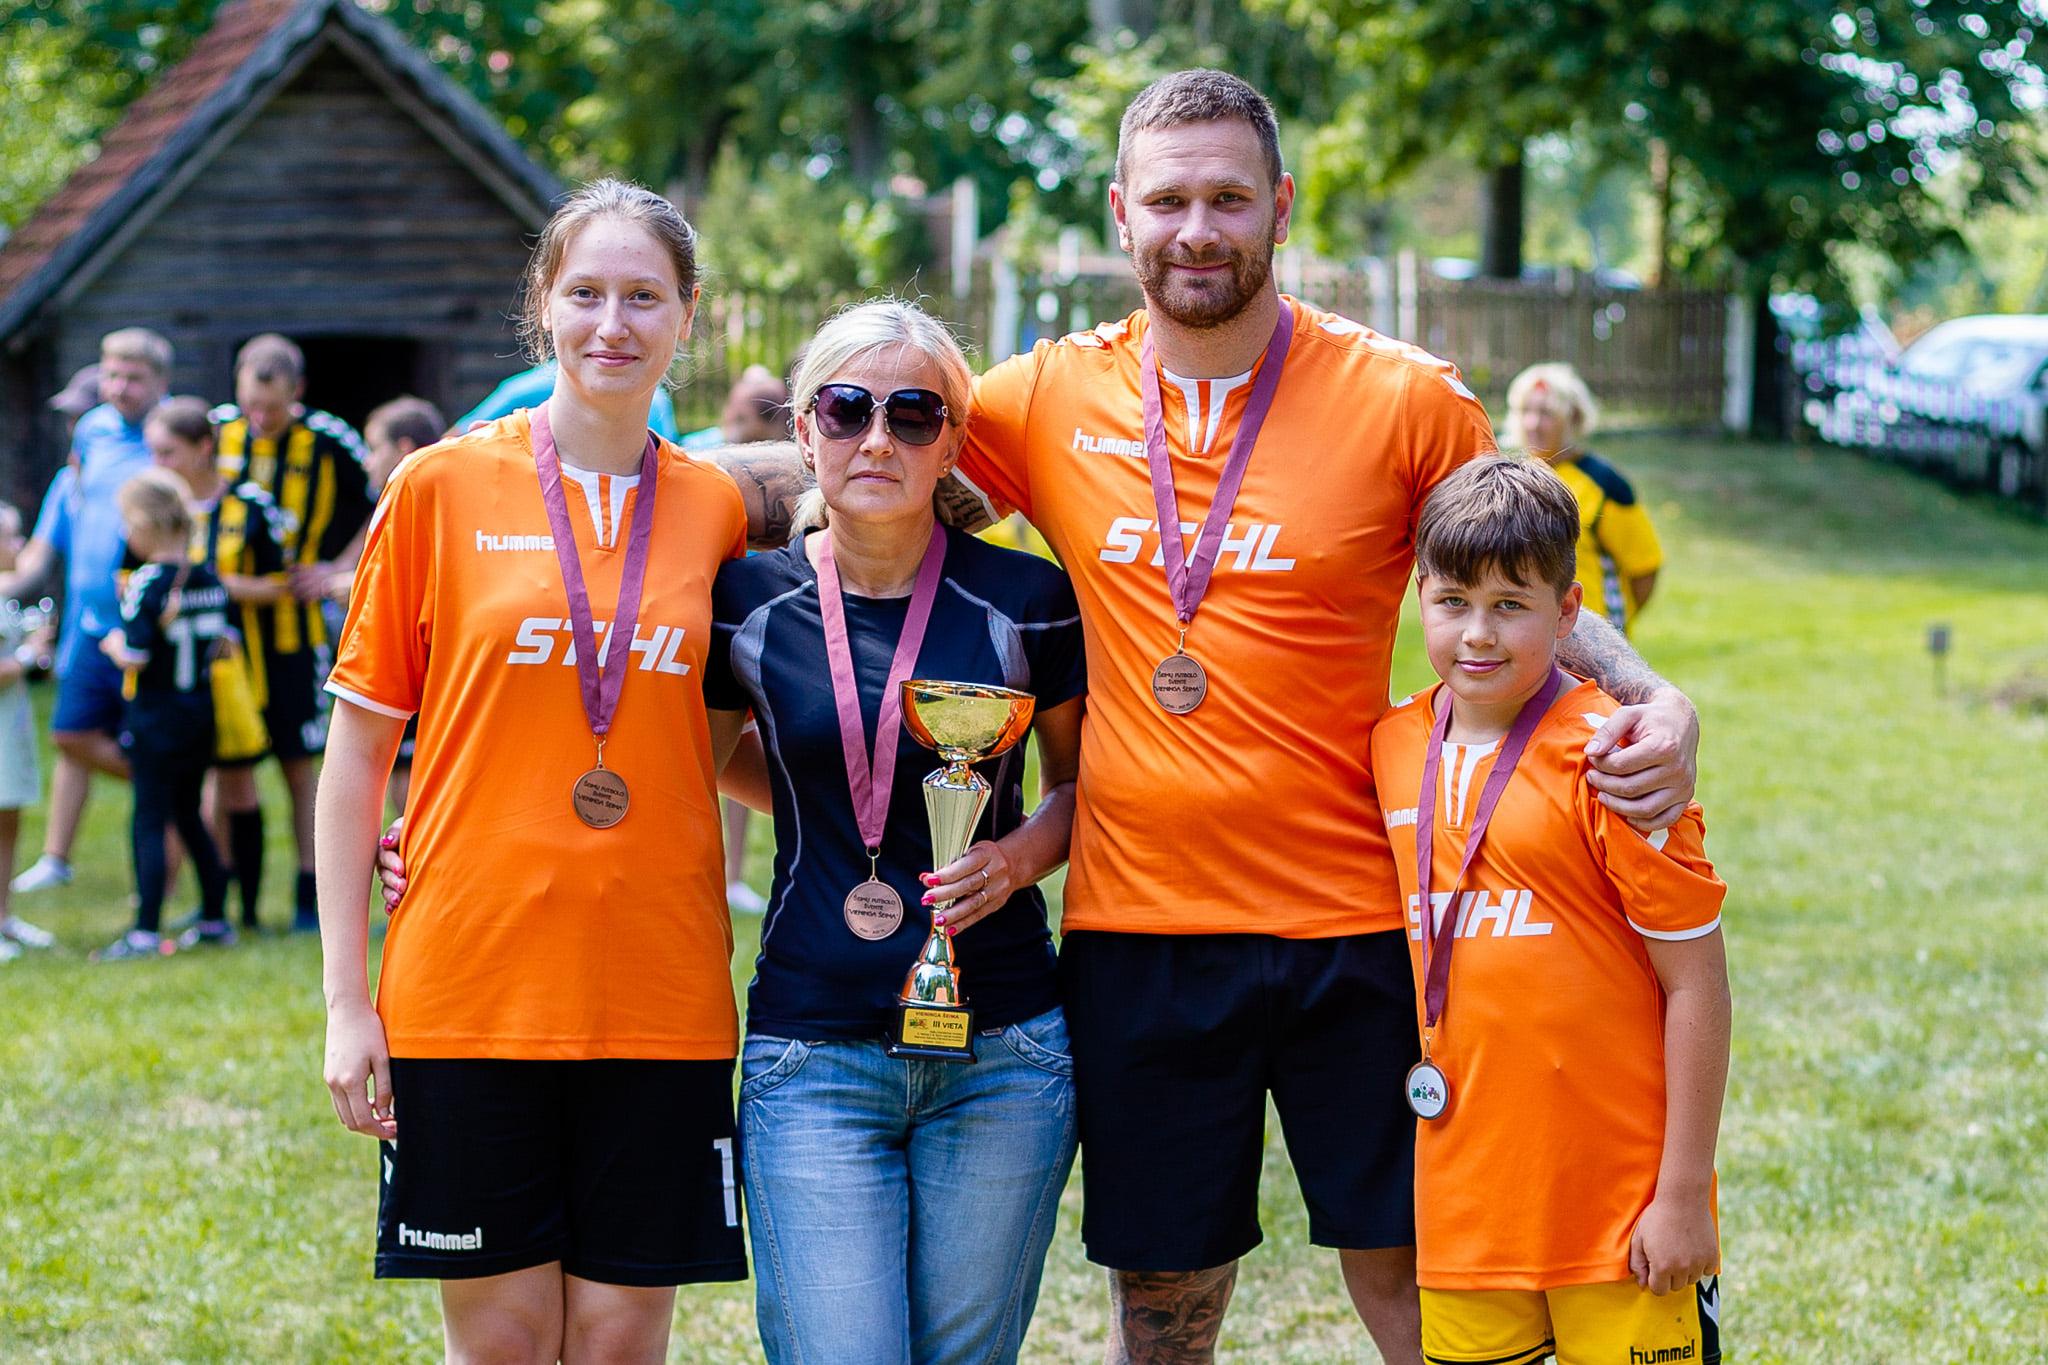 amulynų šeima iš Marijampolės iškovojo trečios vietos medalius ir taurę